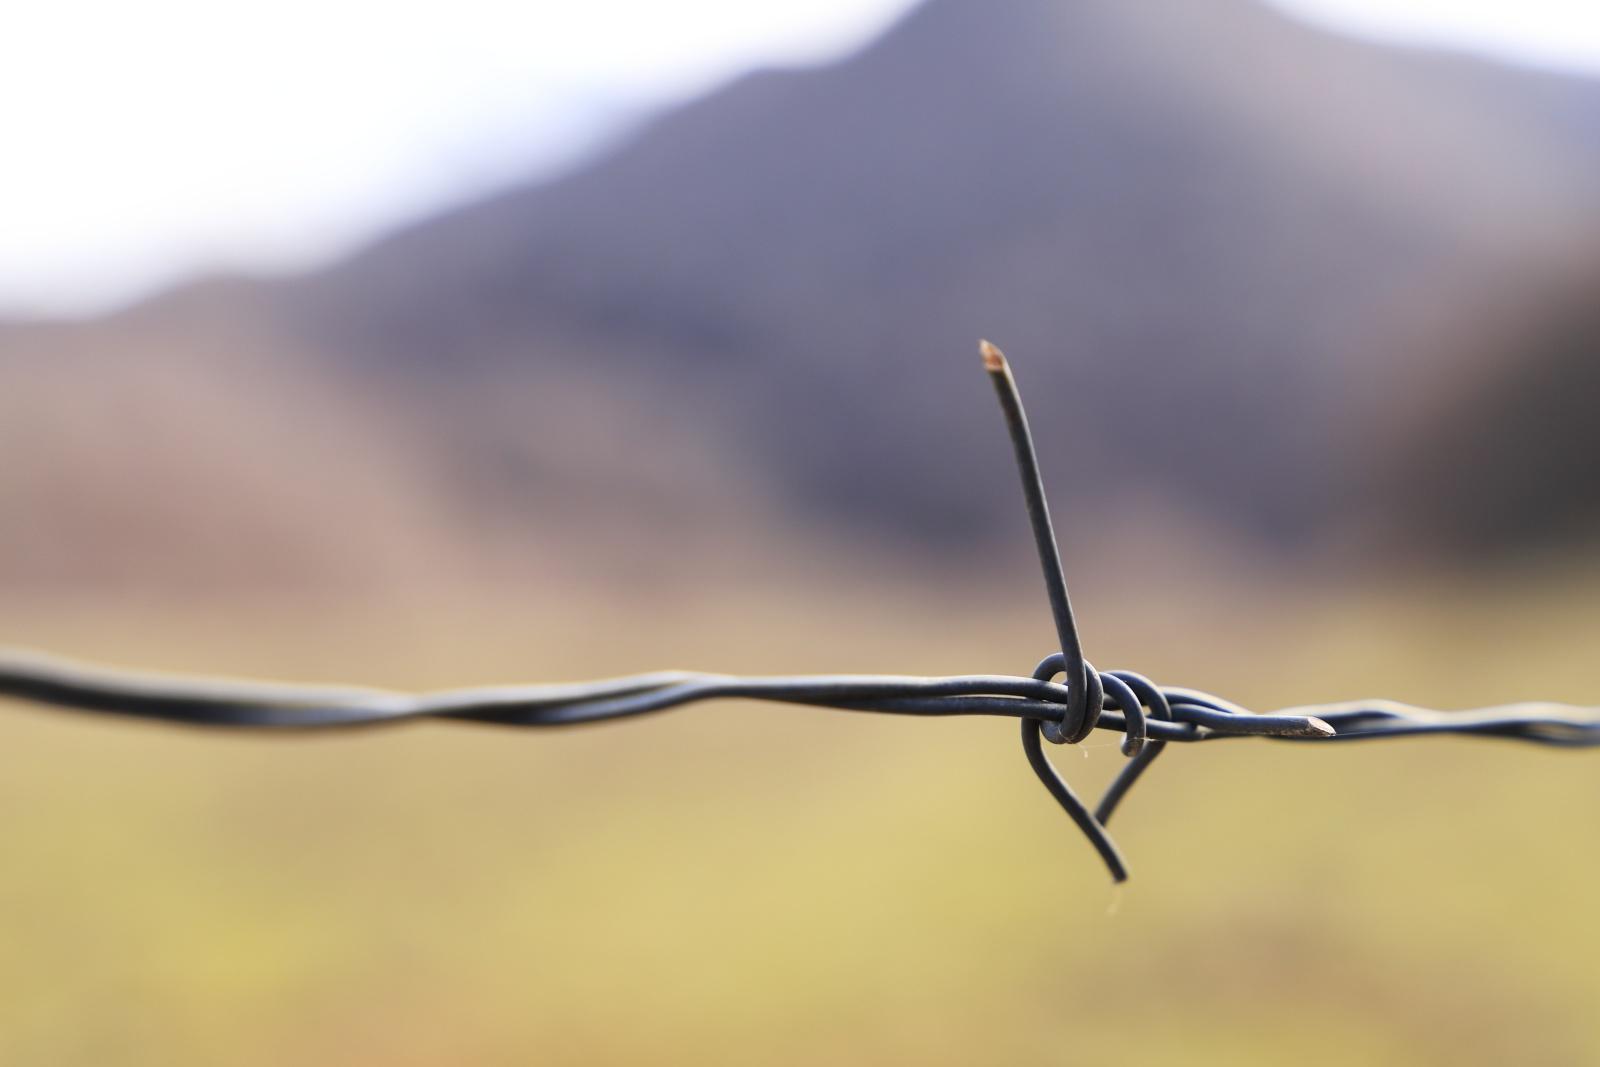 """Filo-Spinato - Prova dell'effetto Bokeh su filo spinato, mentre percorrevo un sentiero nel Parco Nazionale d'Abruzzo Lazio e Molise """"PNALM""""."""